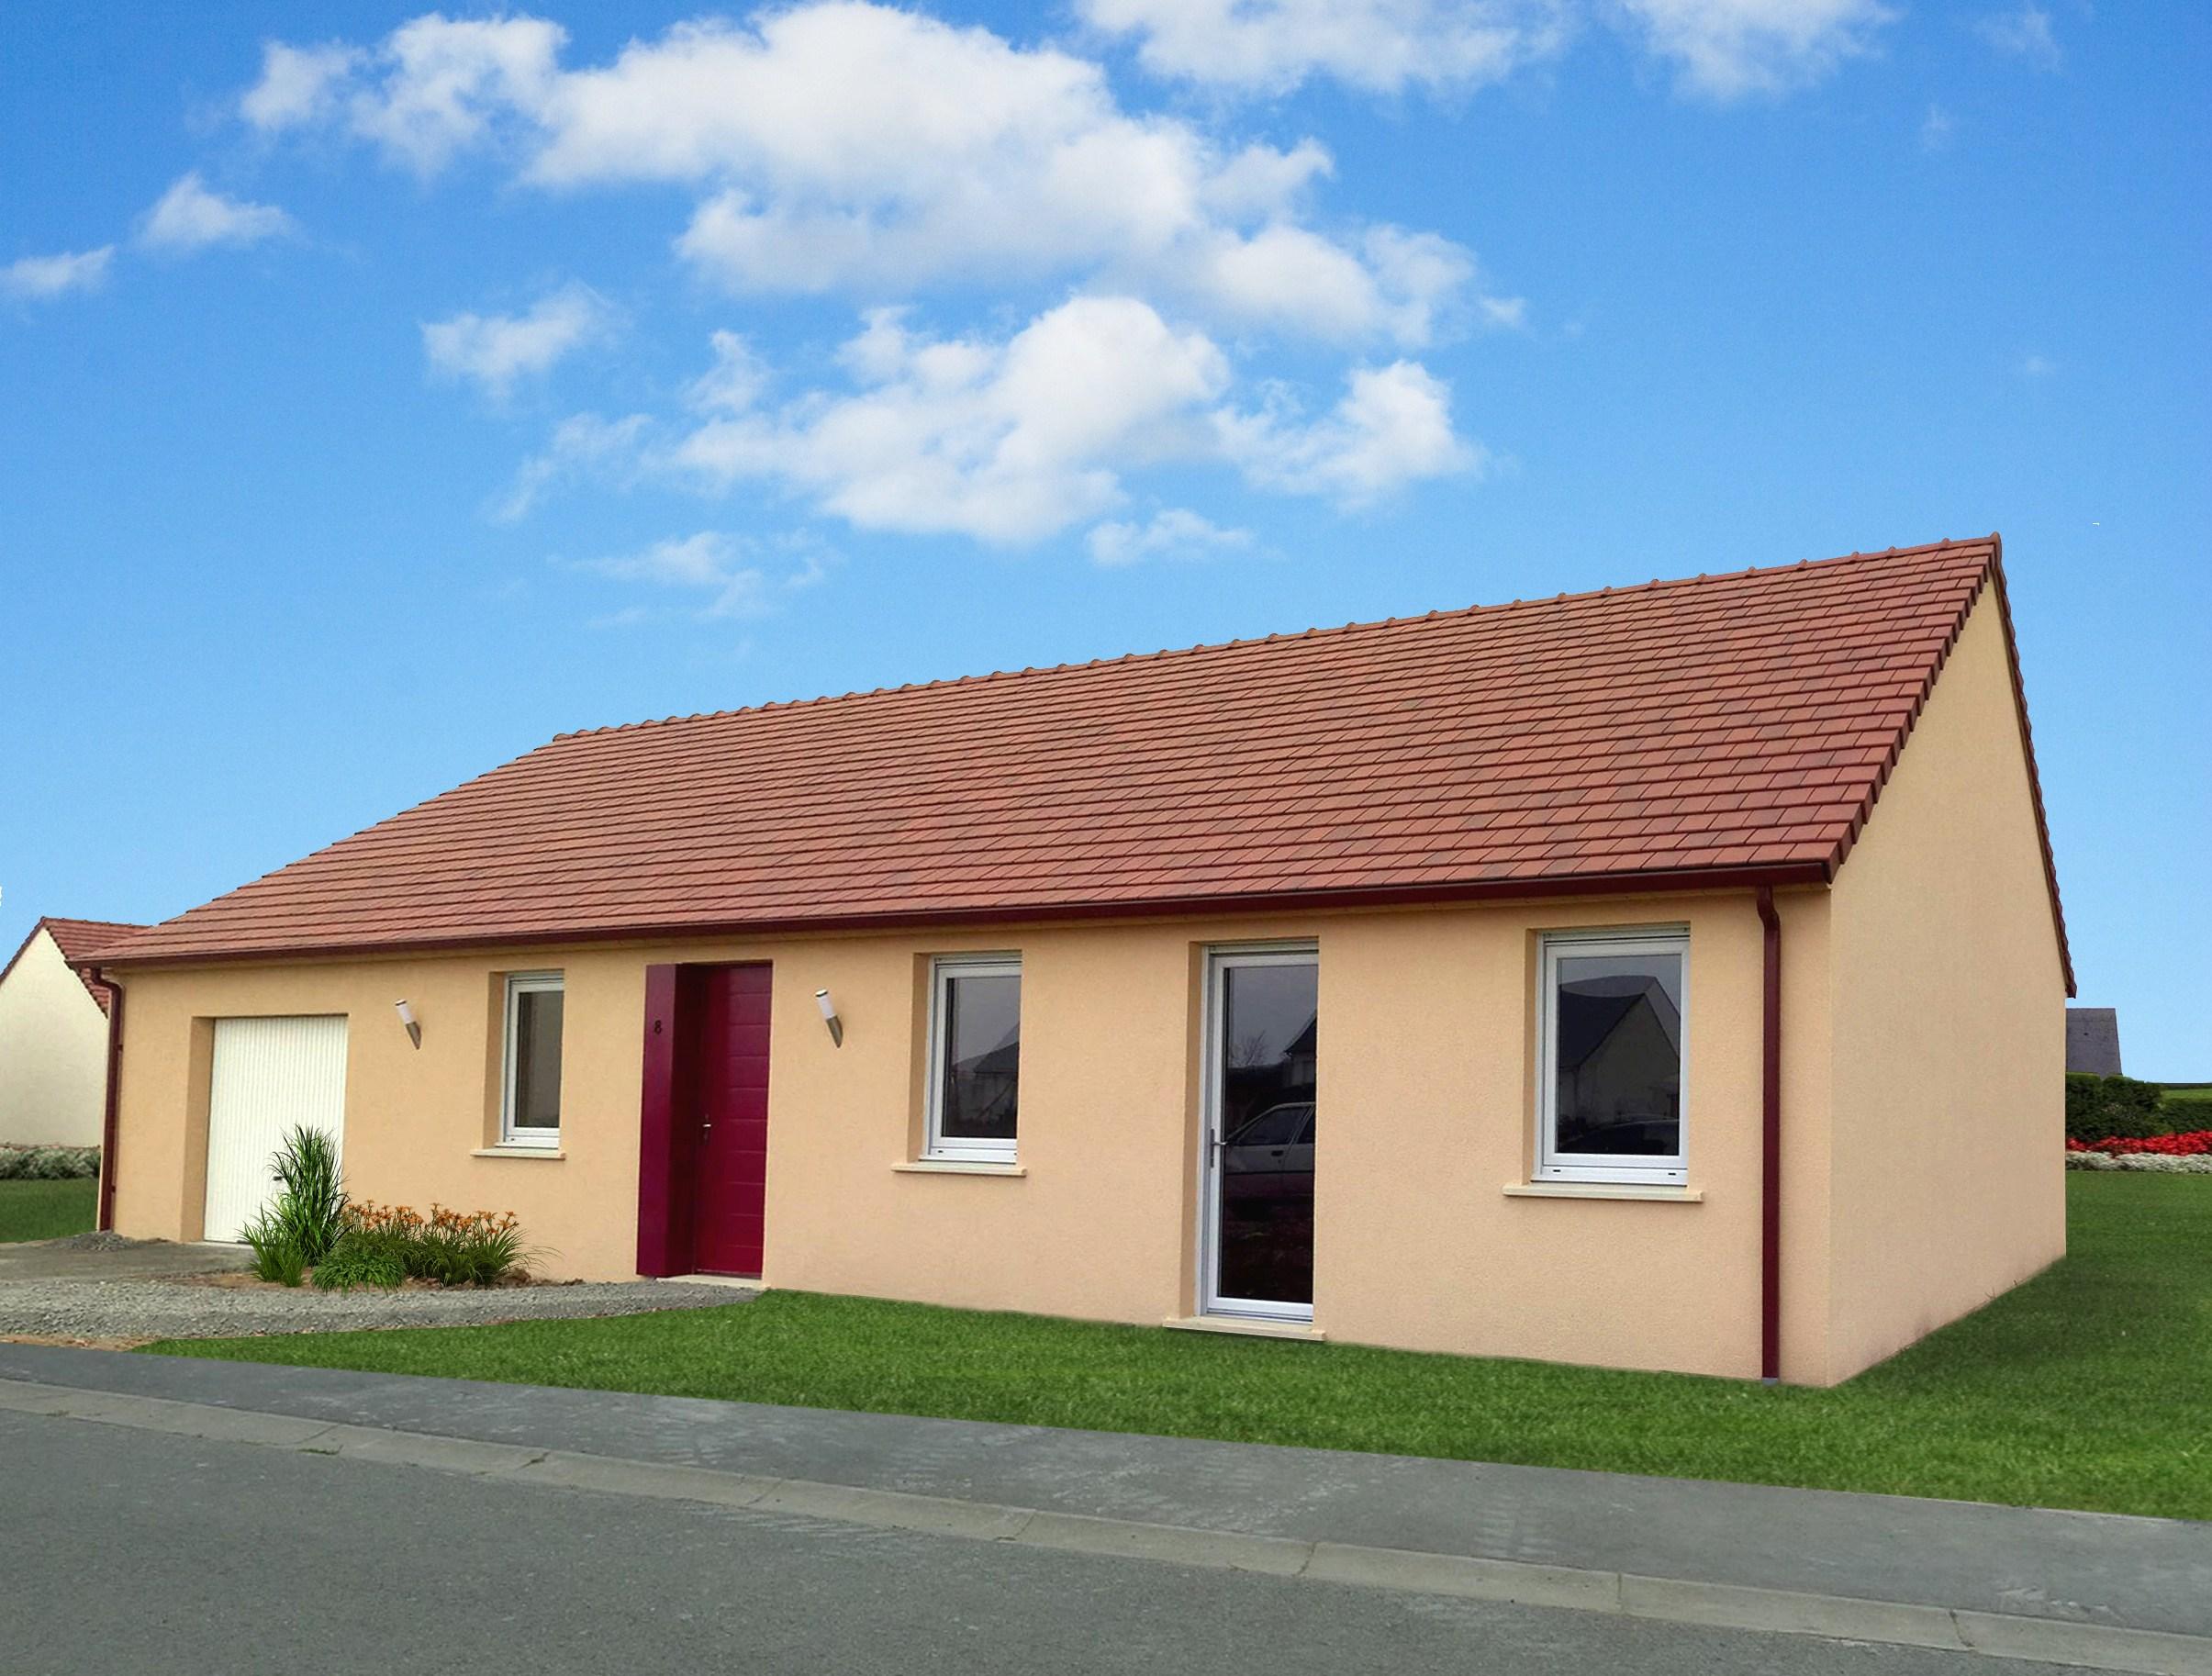 Maisons + Terrains du constructeur Maisons Phenix • 100 m² • EVREUX